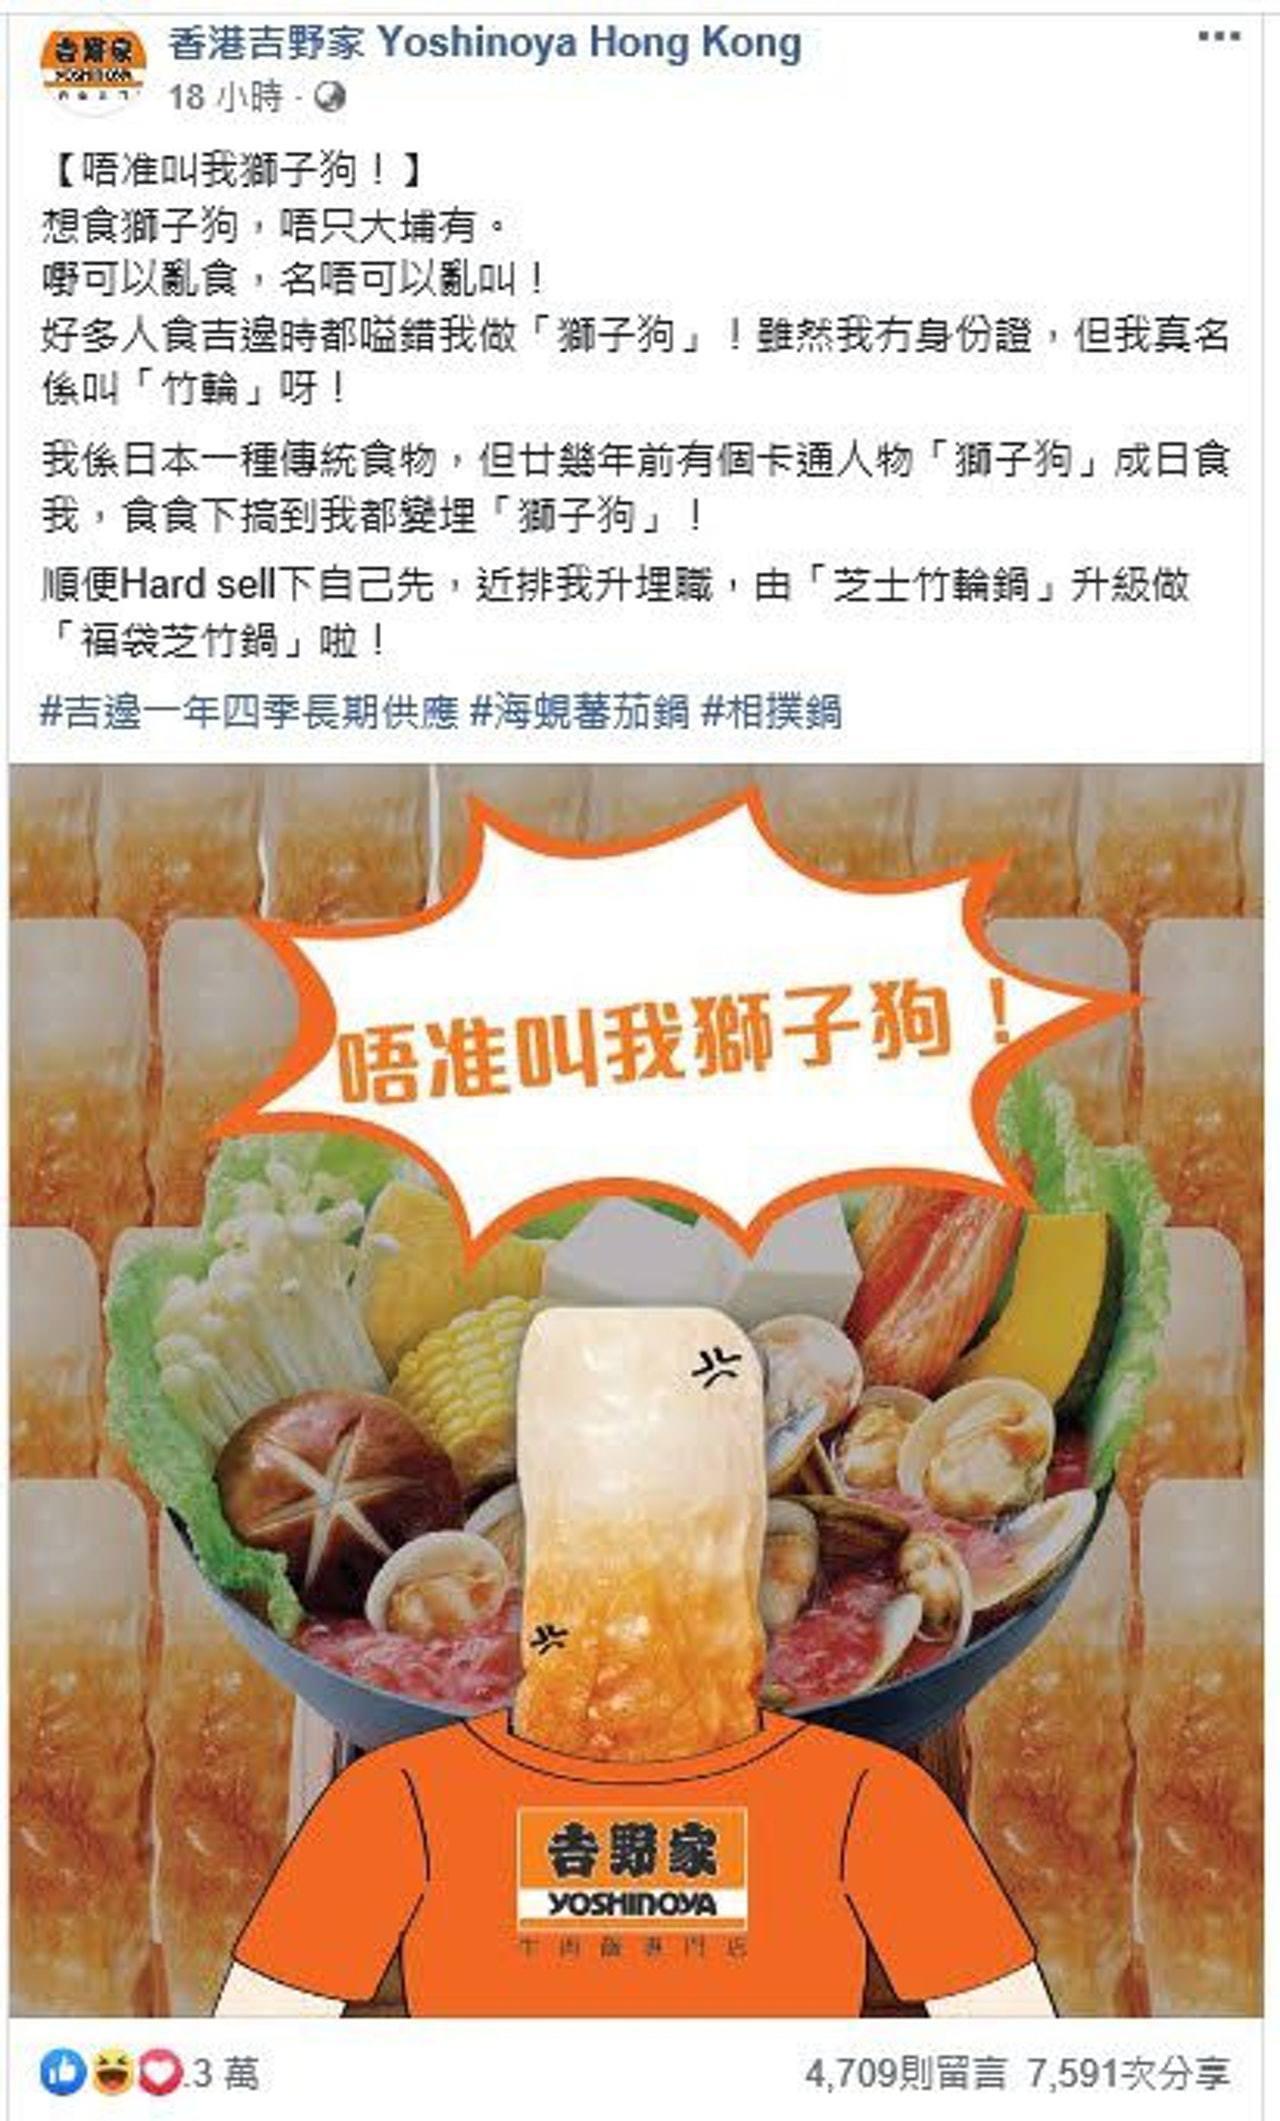 香港吉野家10日在臉書刊登「唔准叫我獅子狗」廣告,但11日晚已刪除。 (取自臉書...